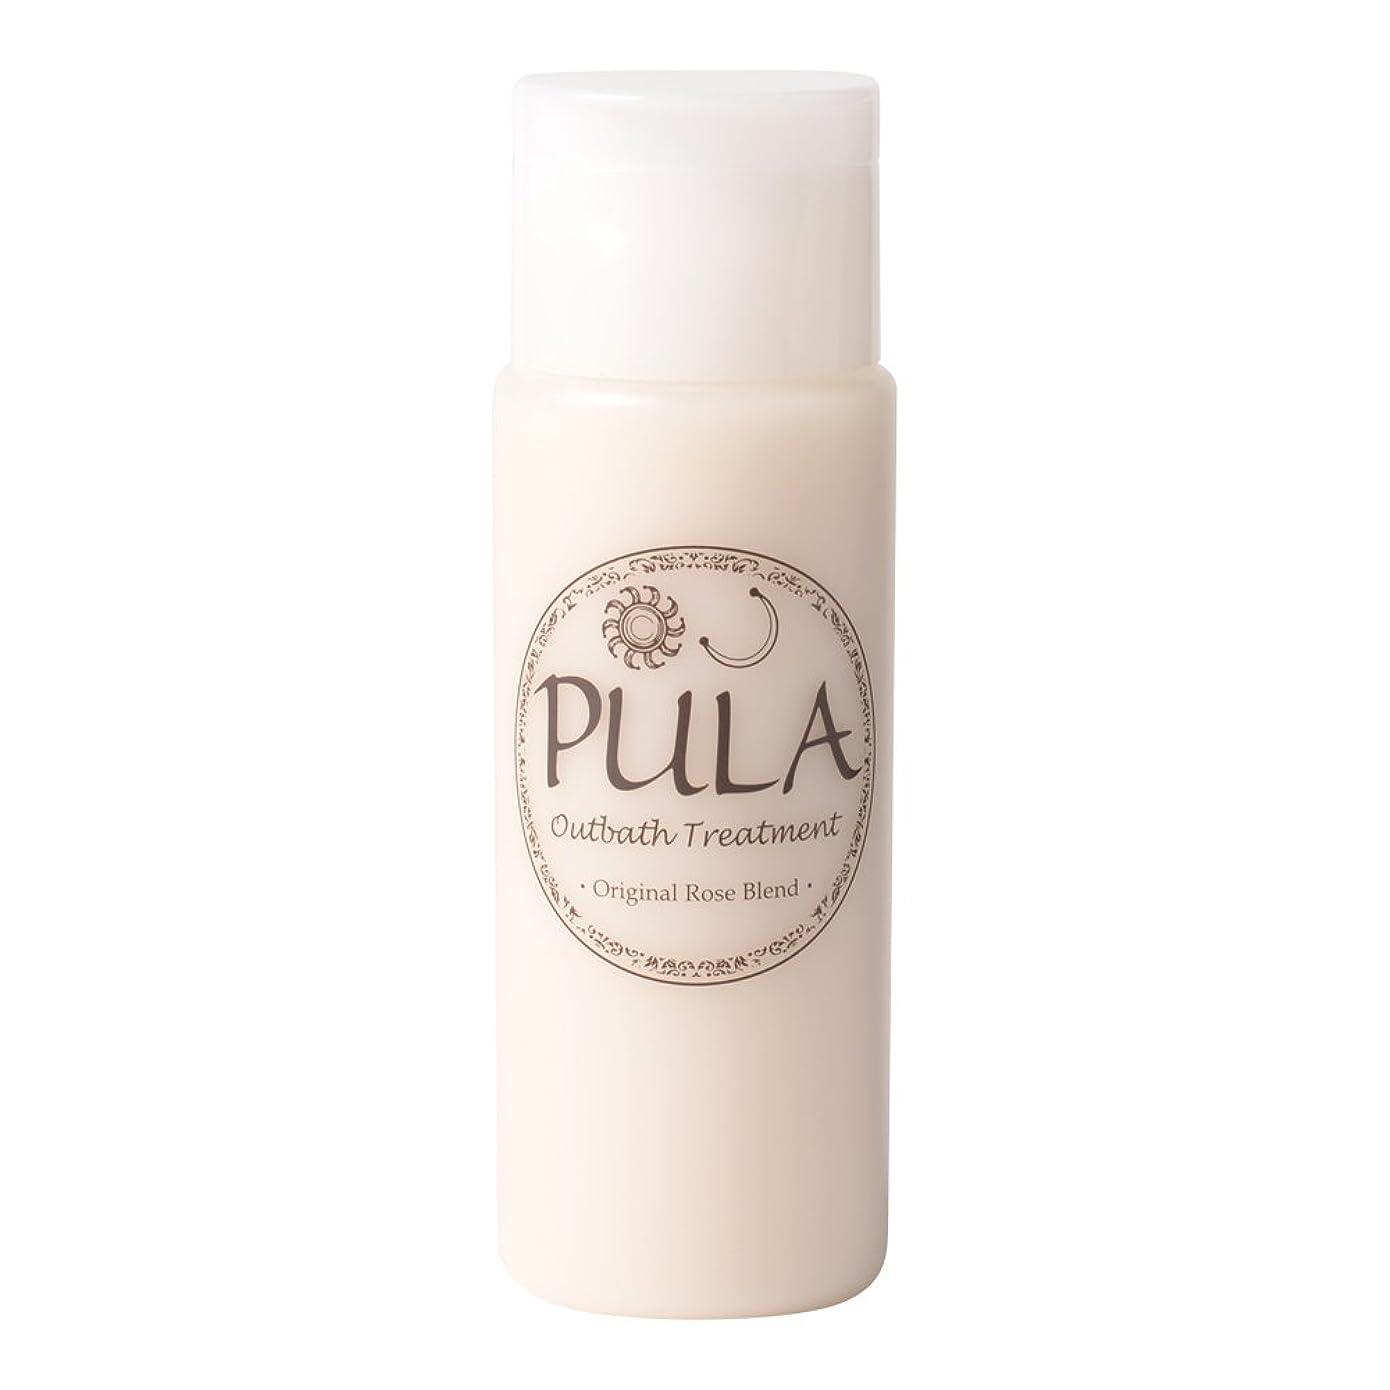 うめきずっと貧困プーラ アウトバストリートメント 150mL 【ローズの香り】洗い流さないタイプのトリートメント  ヘッドスパ専門店 PULA